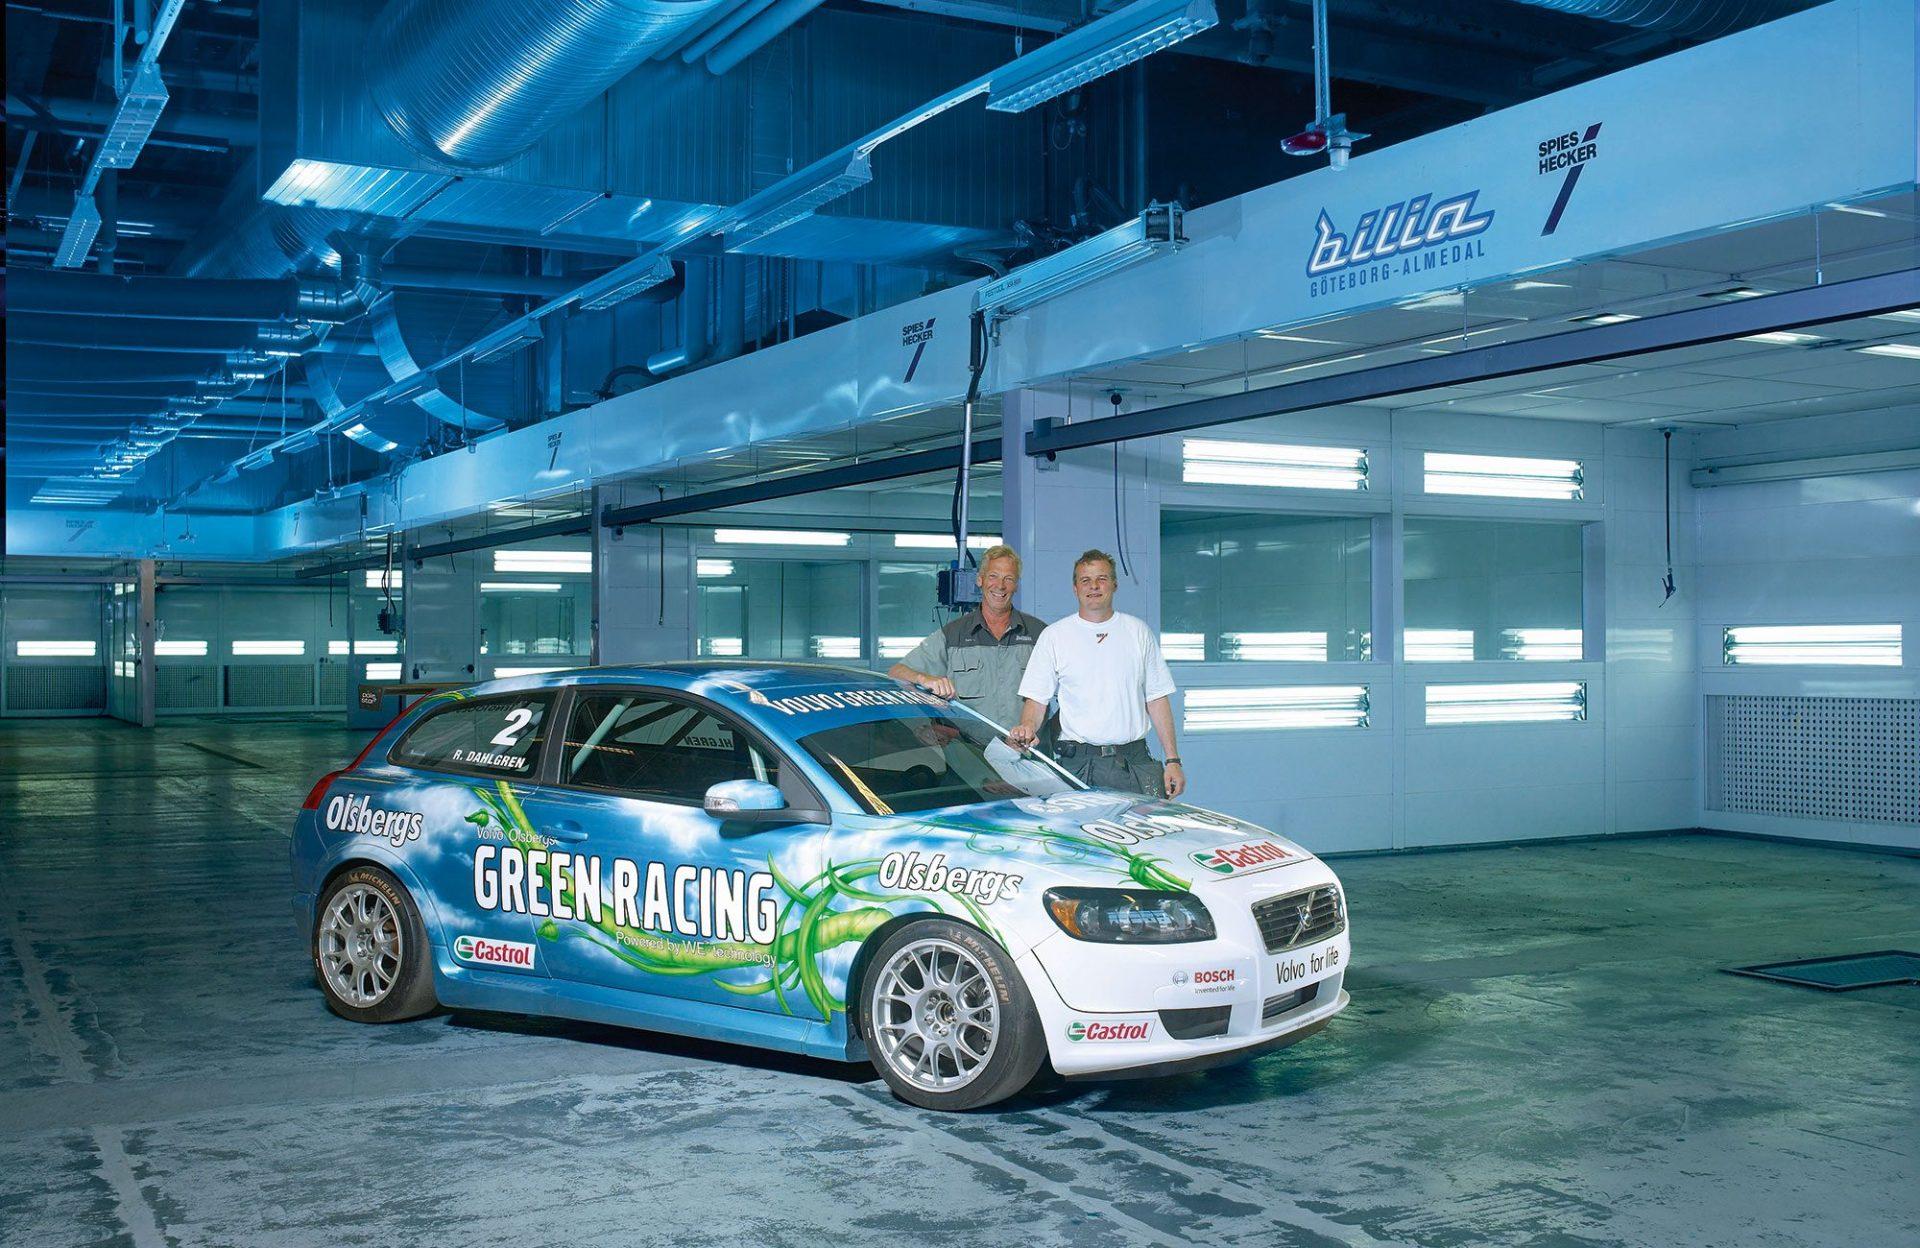 Zwei Männer stehen hinter einem Sportwagen mit der Aufschrift Green racing olsbergs